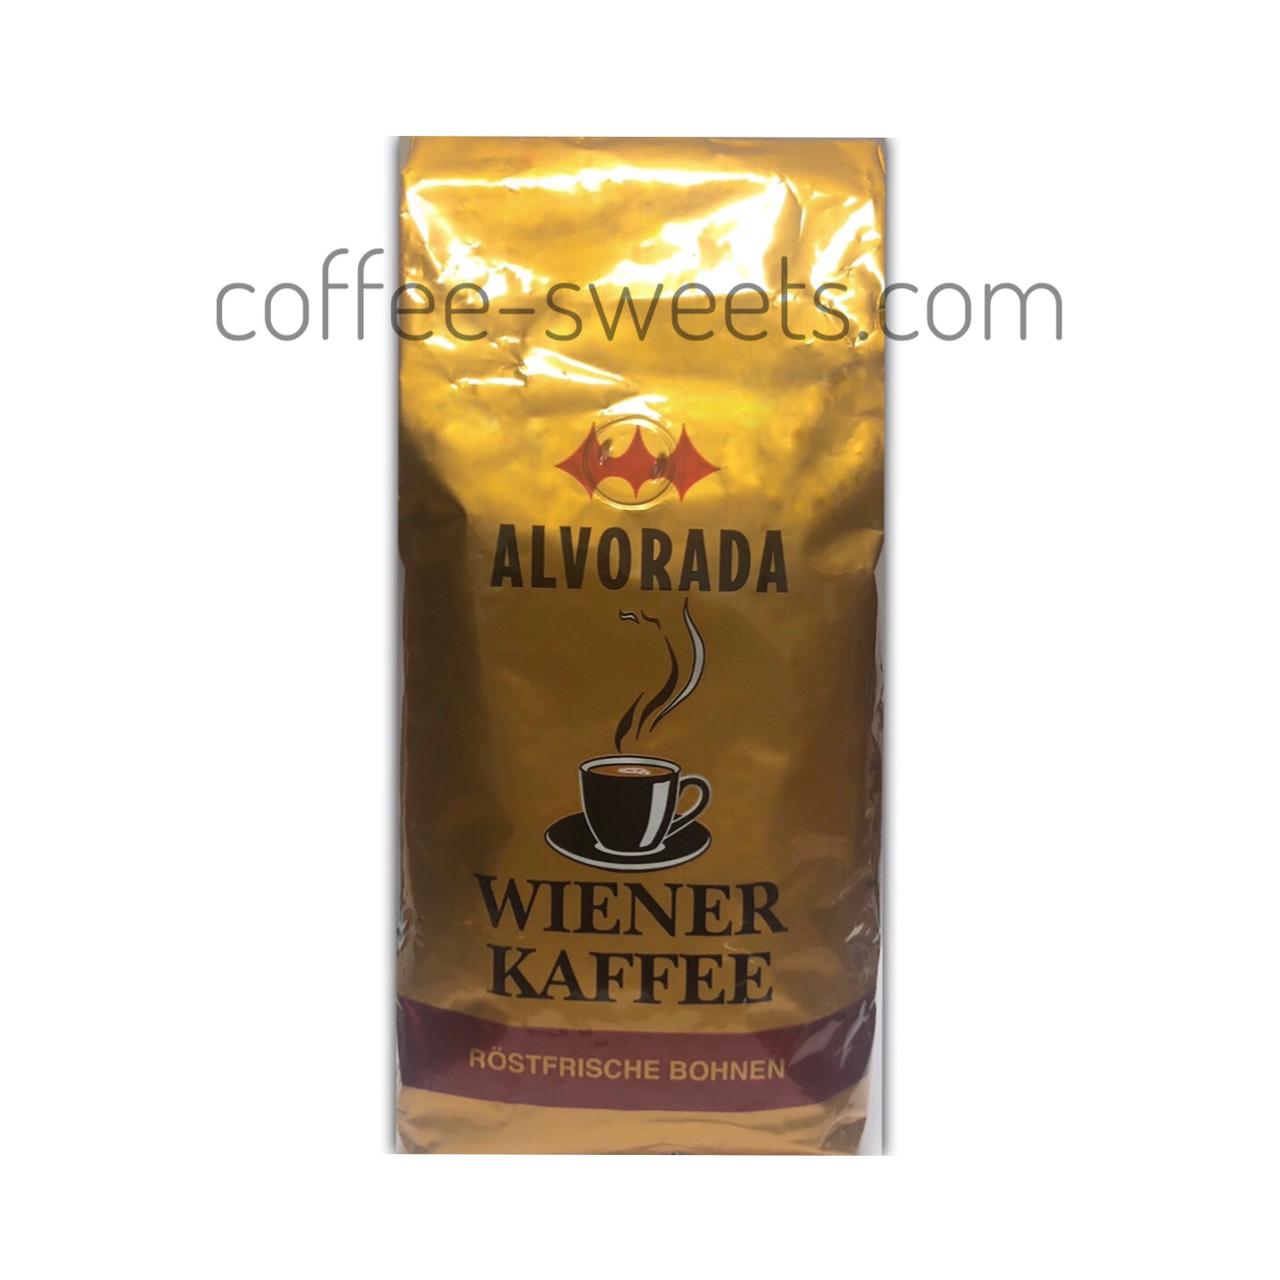 Кофе в зернах Alvorada Wiener Kaffee 500g